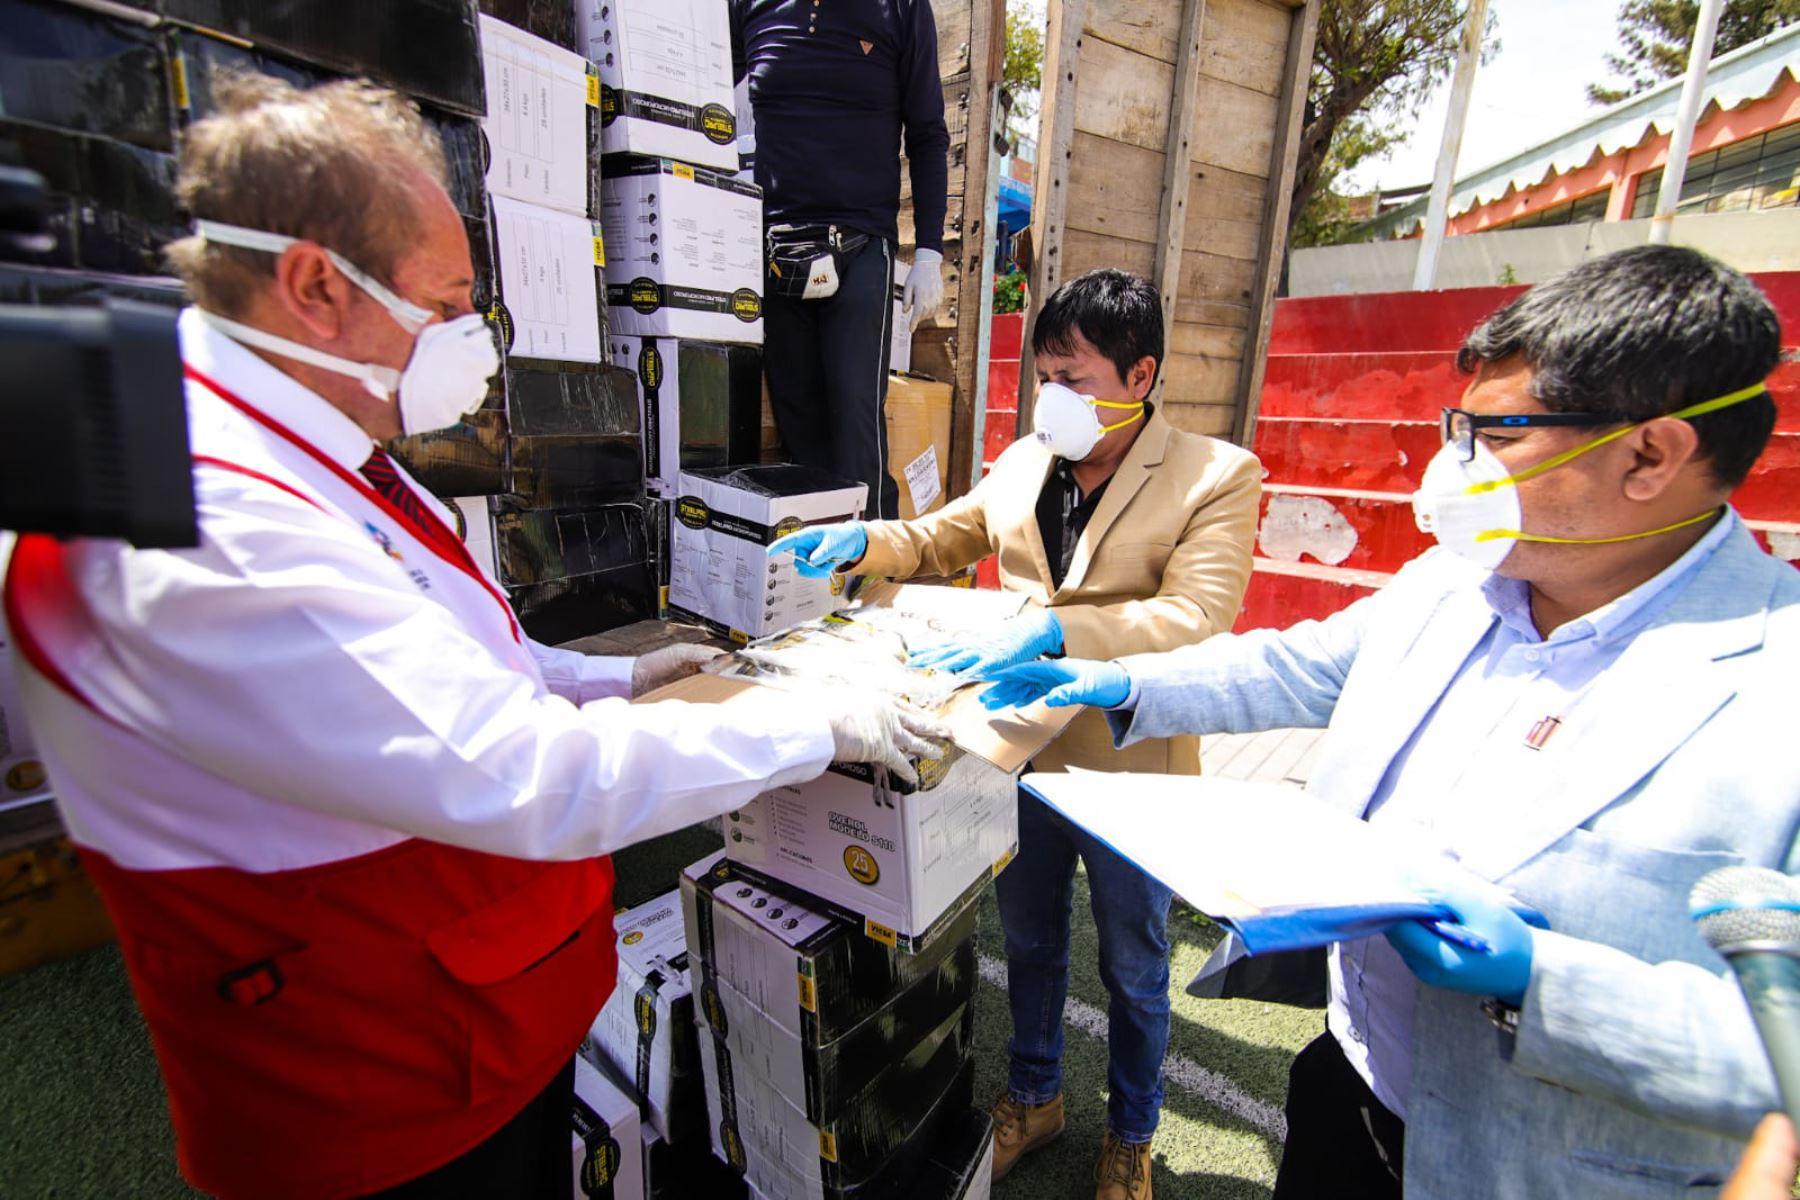 El Minsa entregó hace unas semanas equipos biomédicos al Gobierno Regional de Arequipa. ANDINA/Difusión